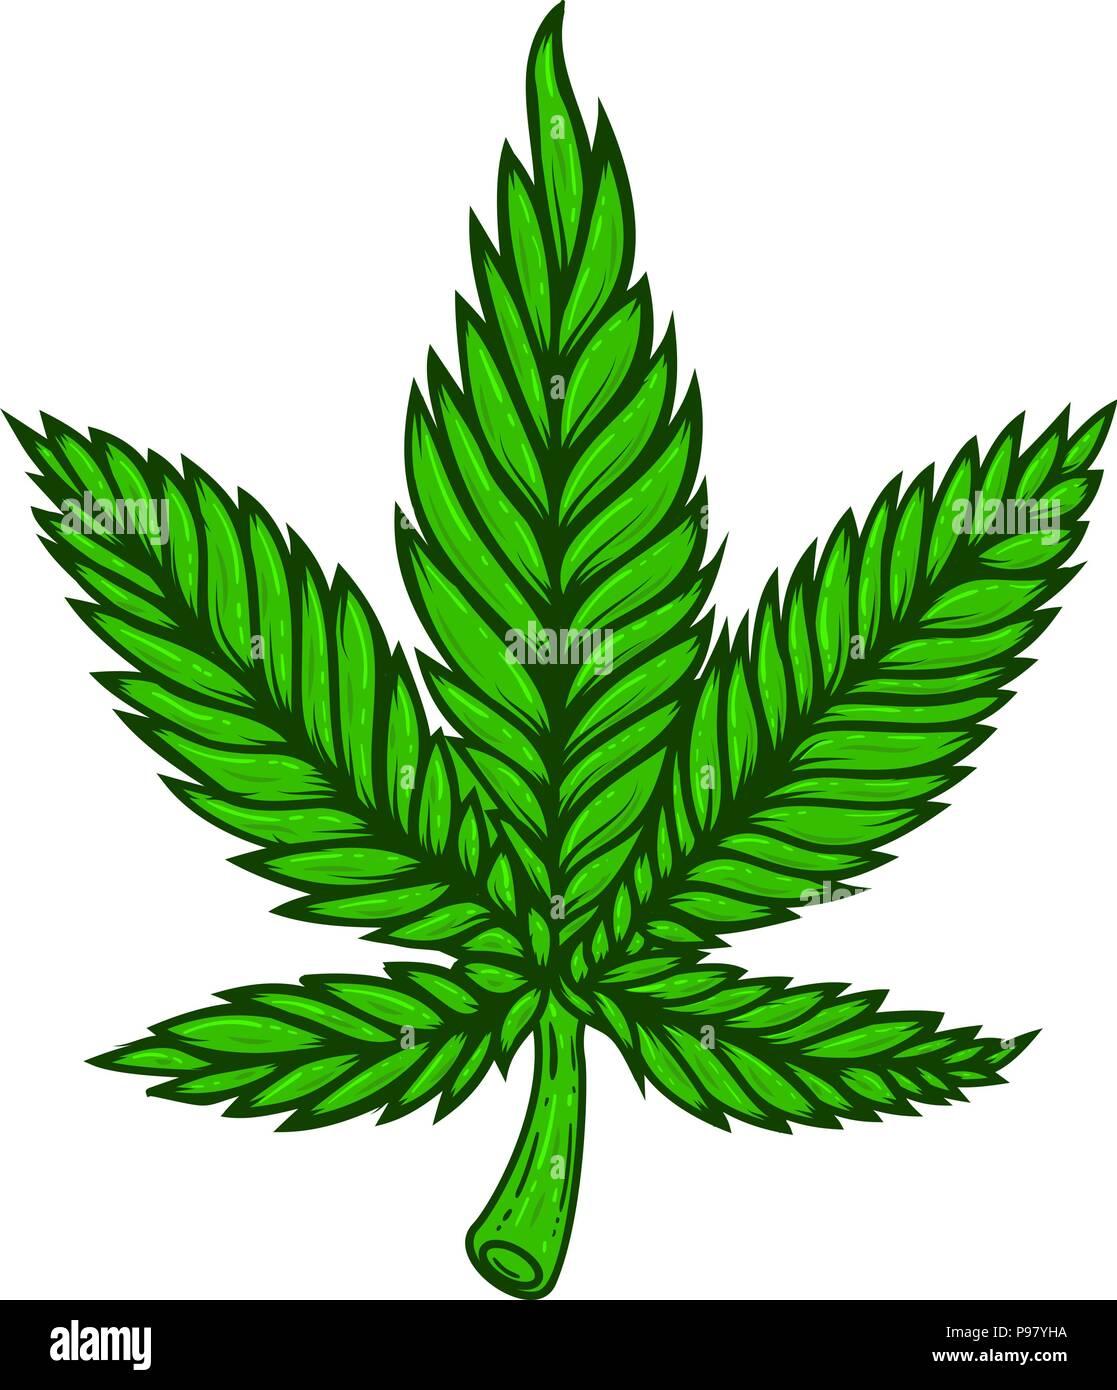 Illustration De La Feuille Cannabis Sur Fond Blanc Llment Conception Pour